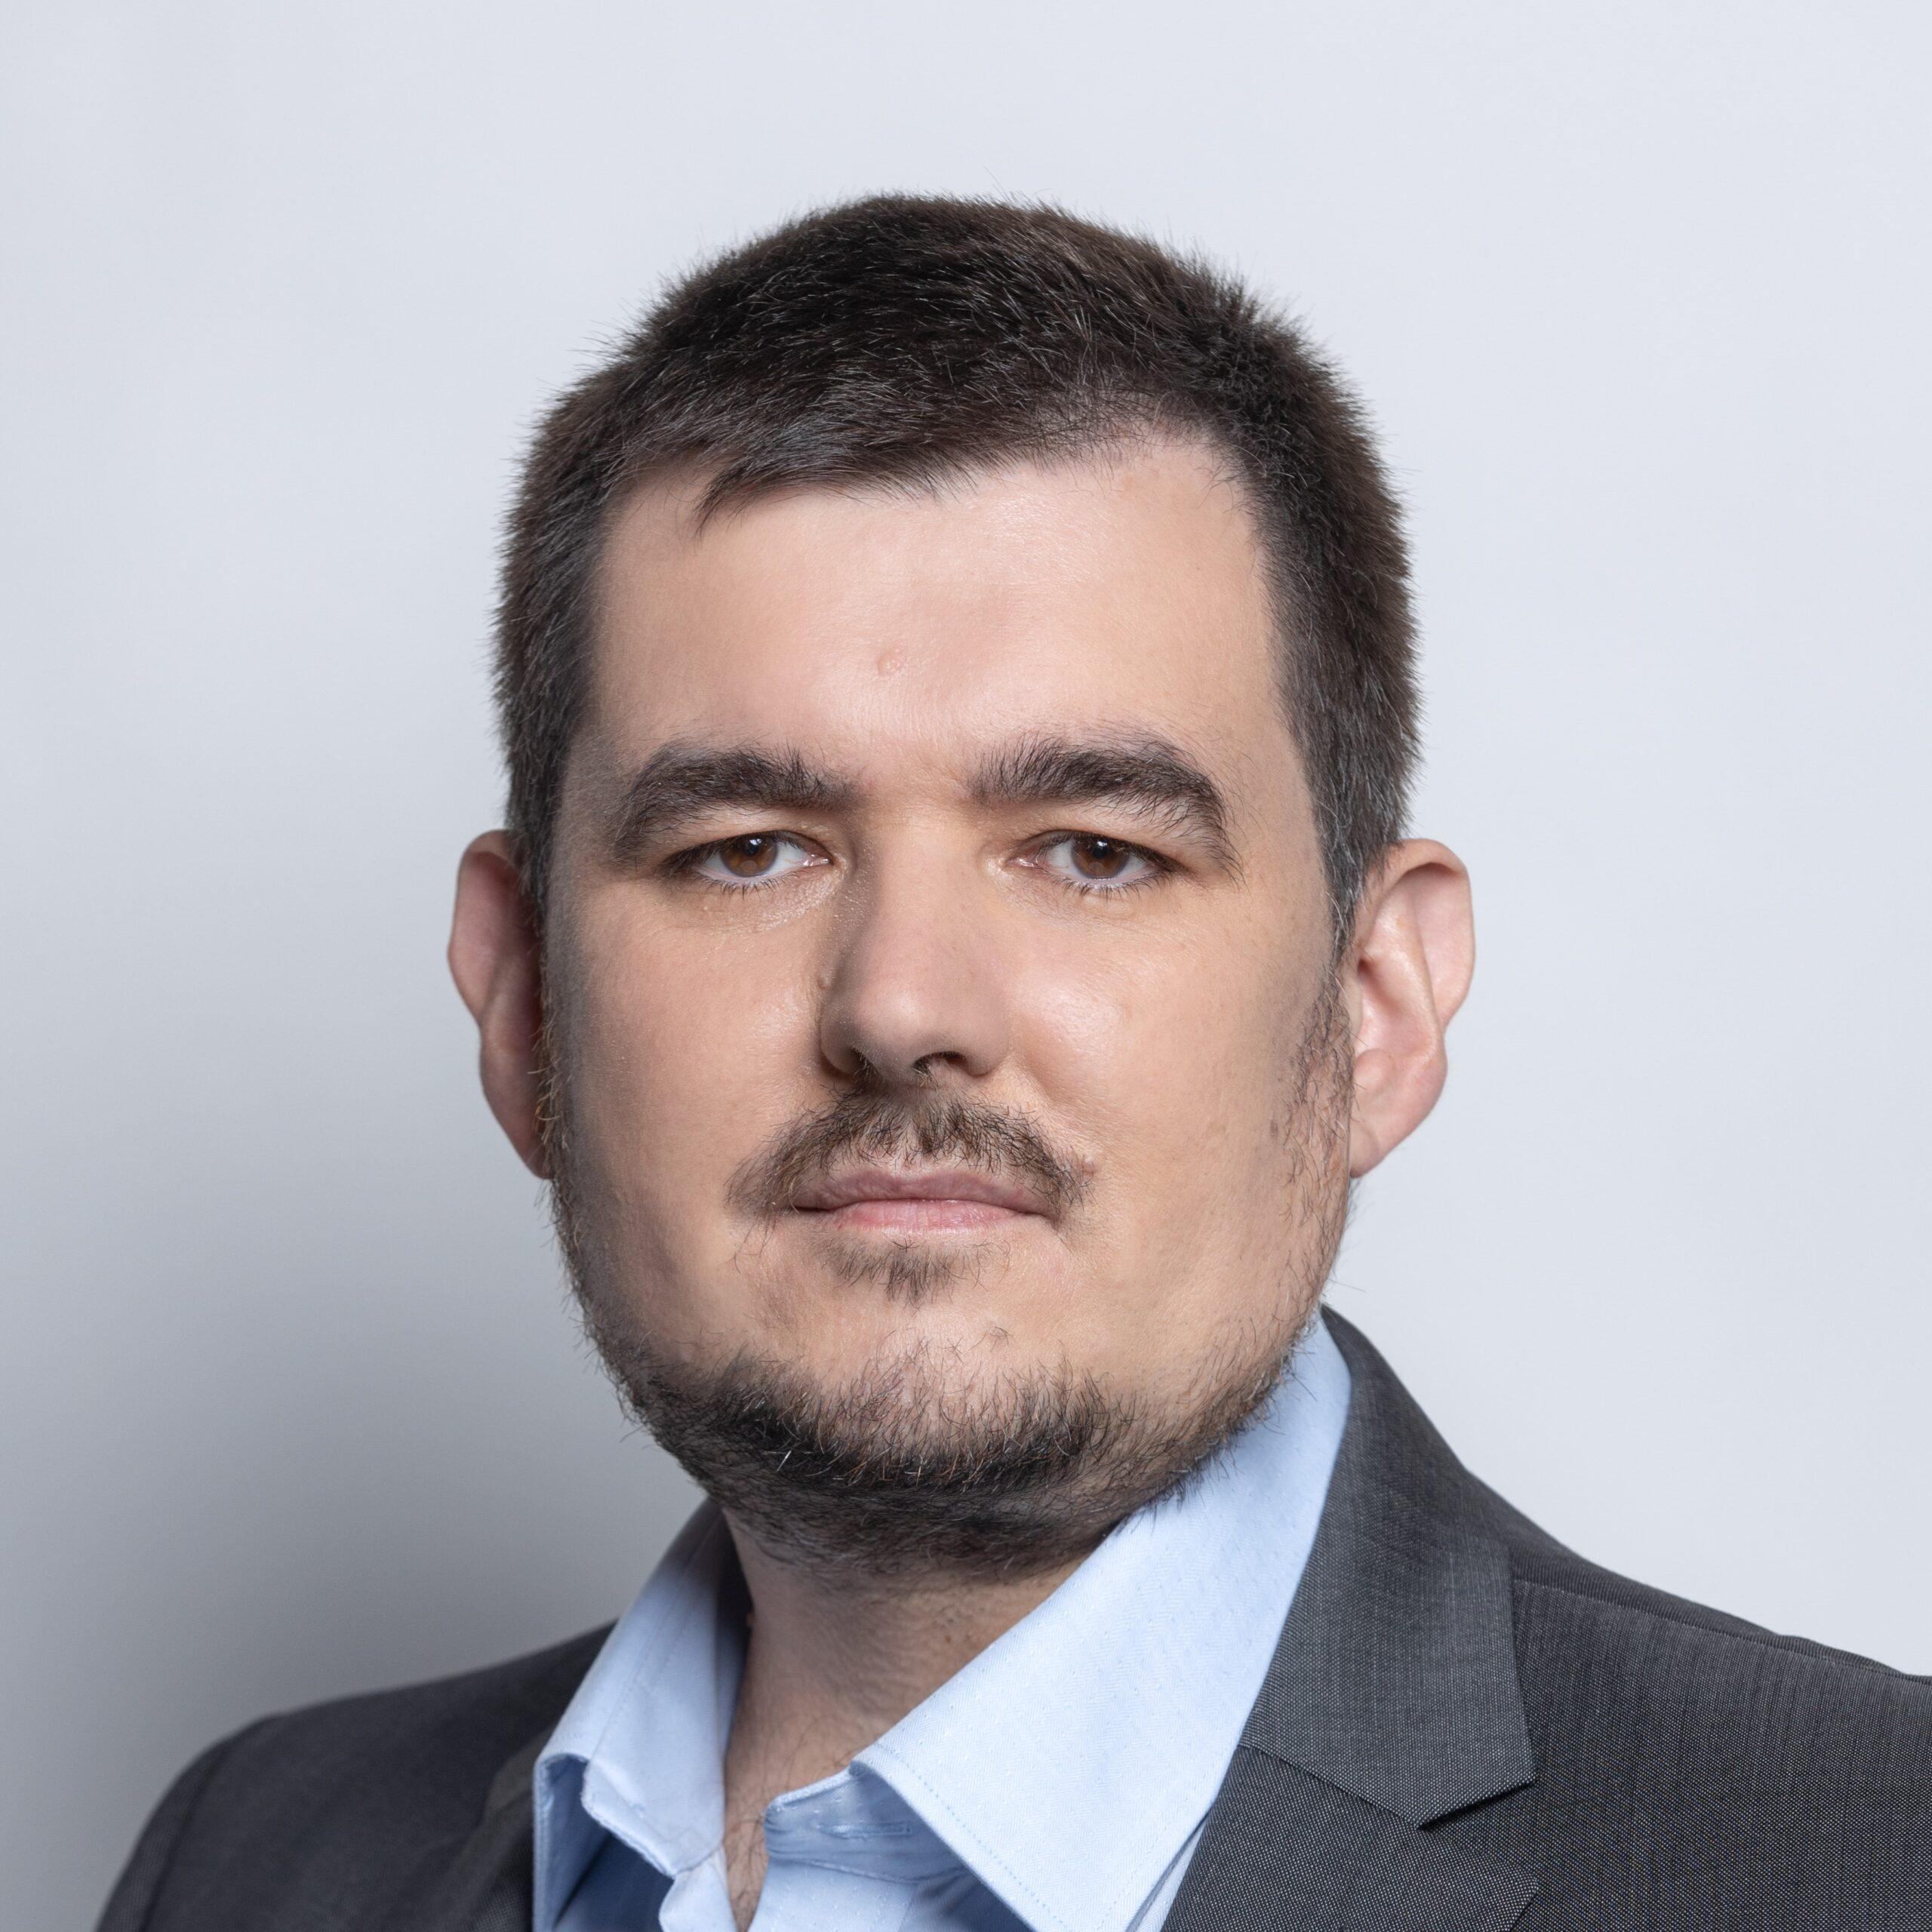 Przemysław Piętak